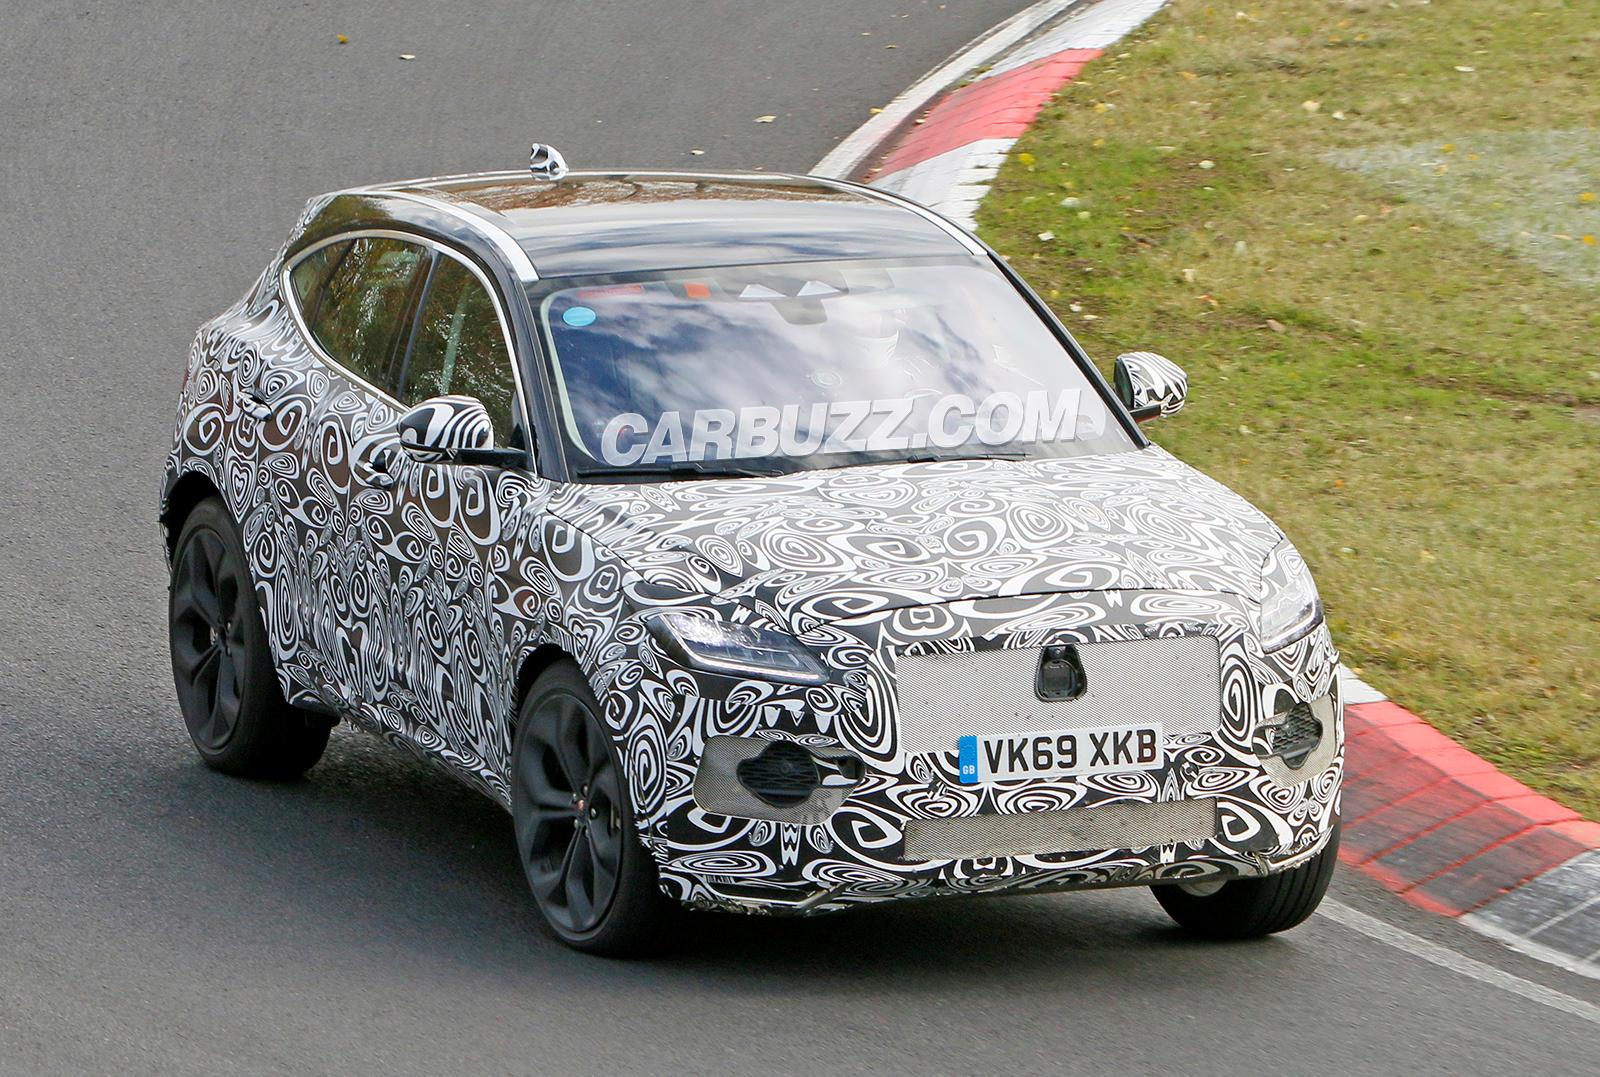 Всего за полтора месяца компания Jaguar обновила седаны XE и XF, а также кроссовер F-Pace. Задержался лишь компактный паркетник E-Pace, но и он готовится к рестайлингу: замаскированный прототип заснят на Нюрбургринге.